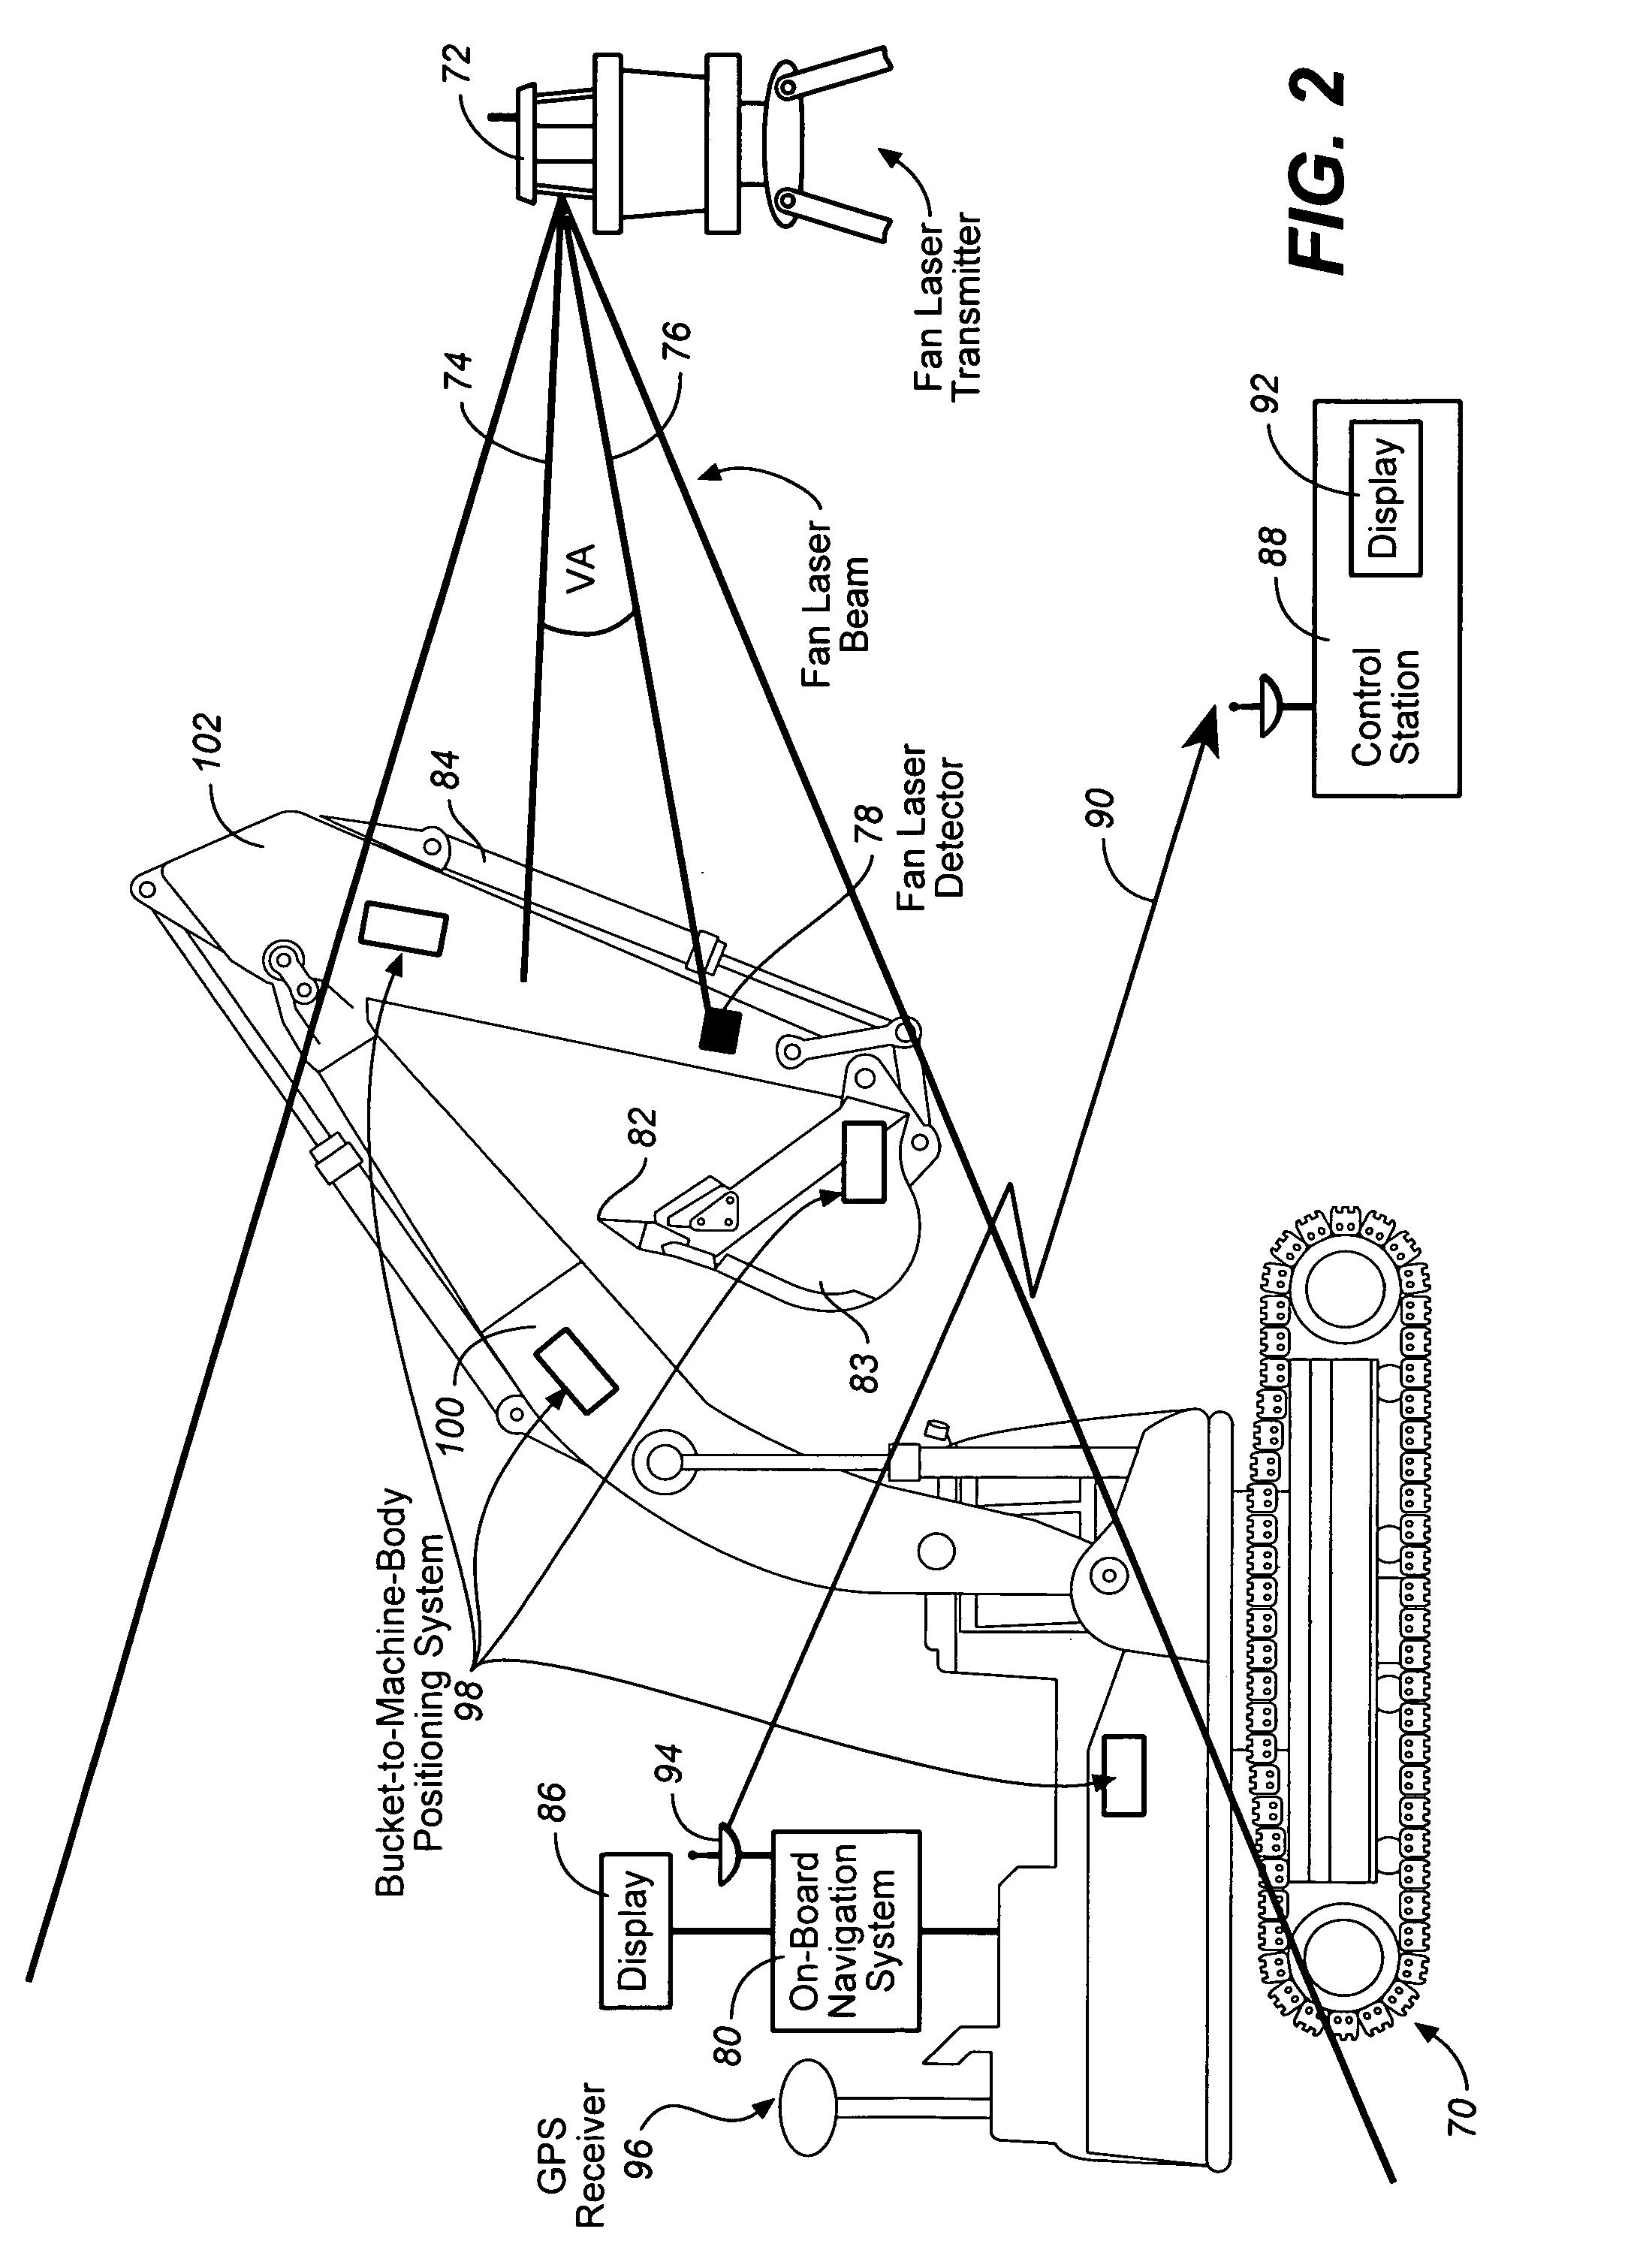 patent us20080047170